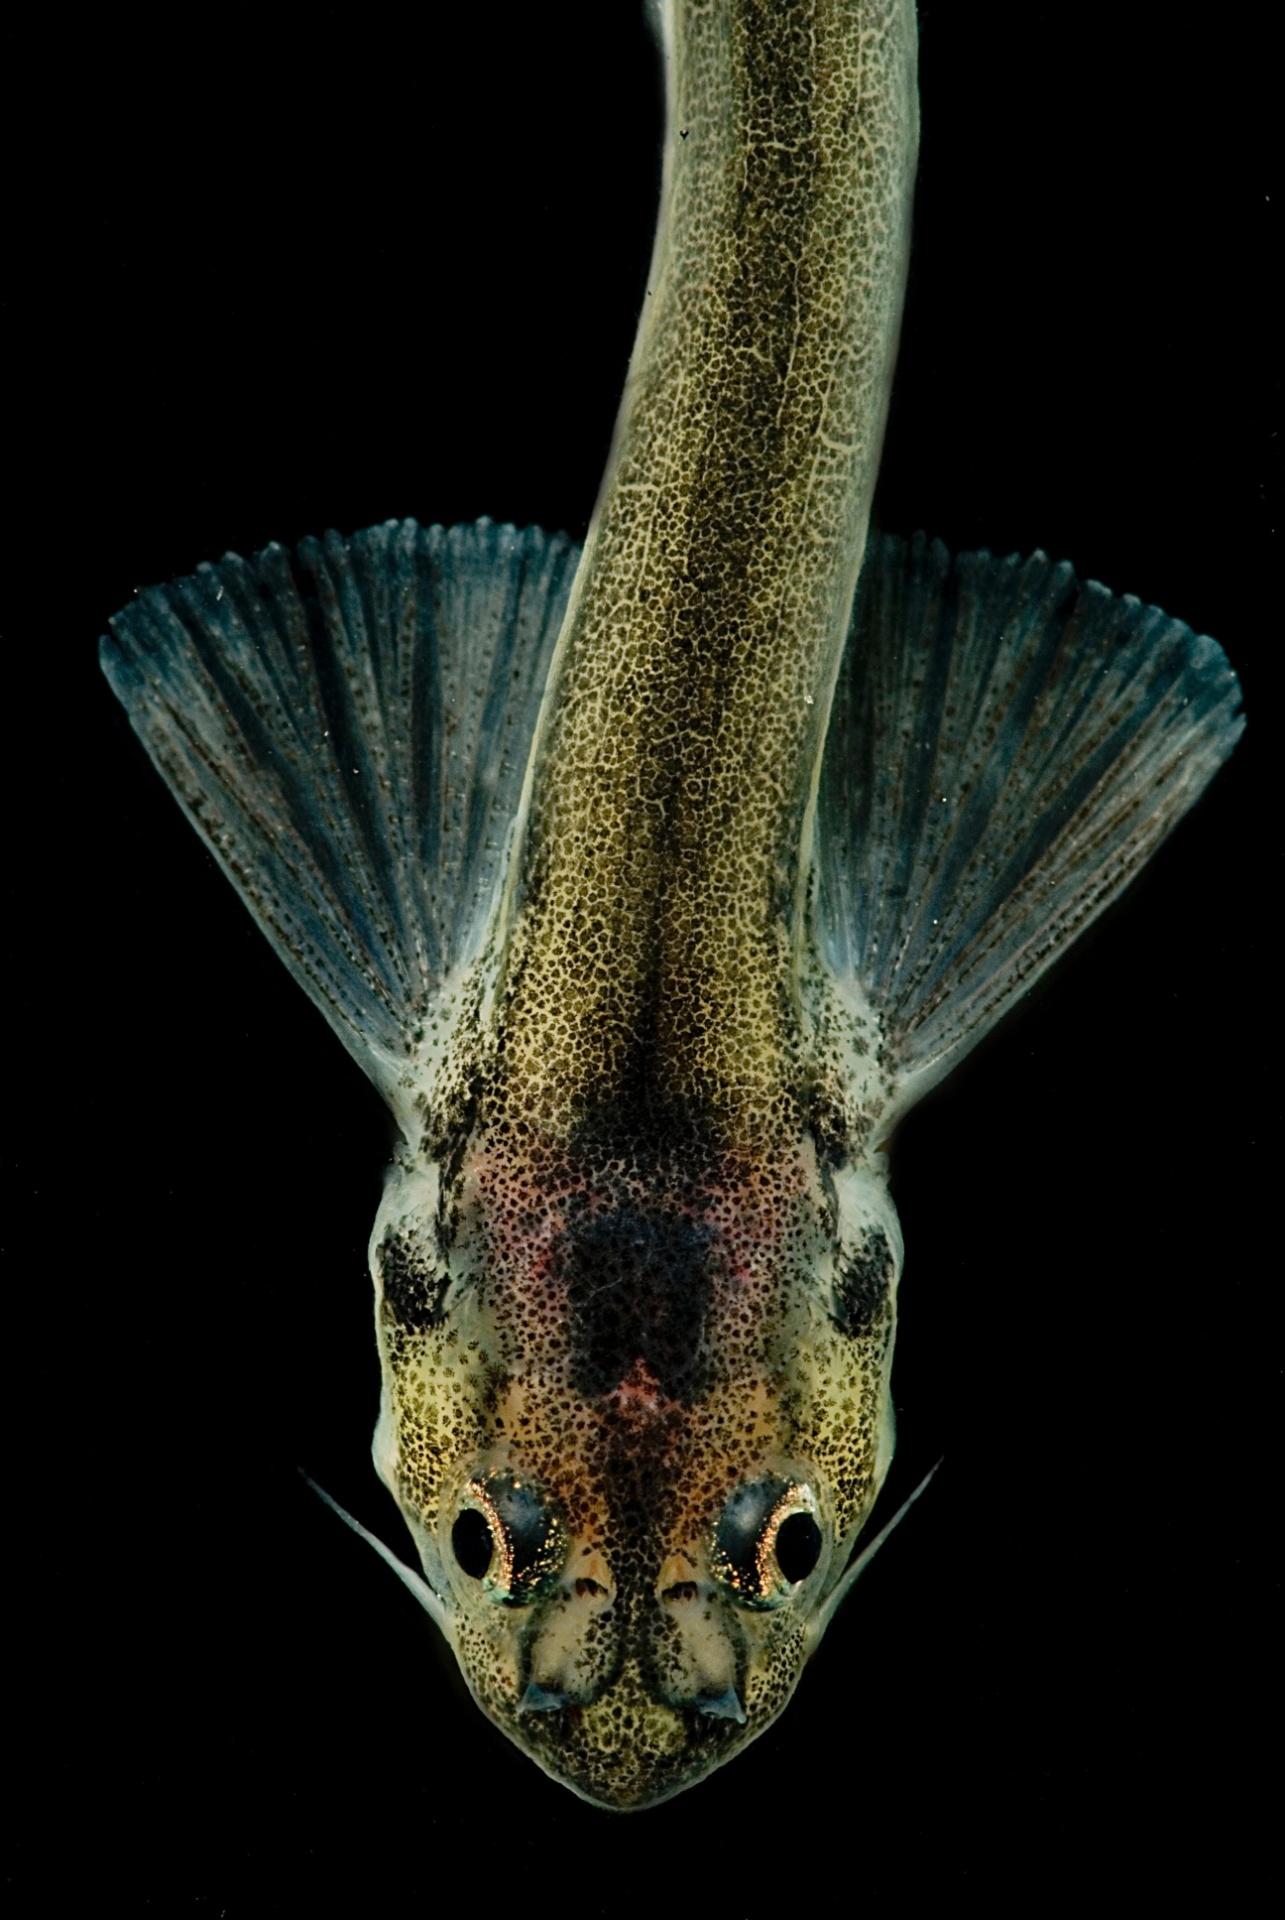 5.jul.2016 ? Entre as imagens de animais que vivem no escuro e em águas profundas está o candiru, uma espécie típica da bacia amazônica e do rio Napo, no Peru